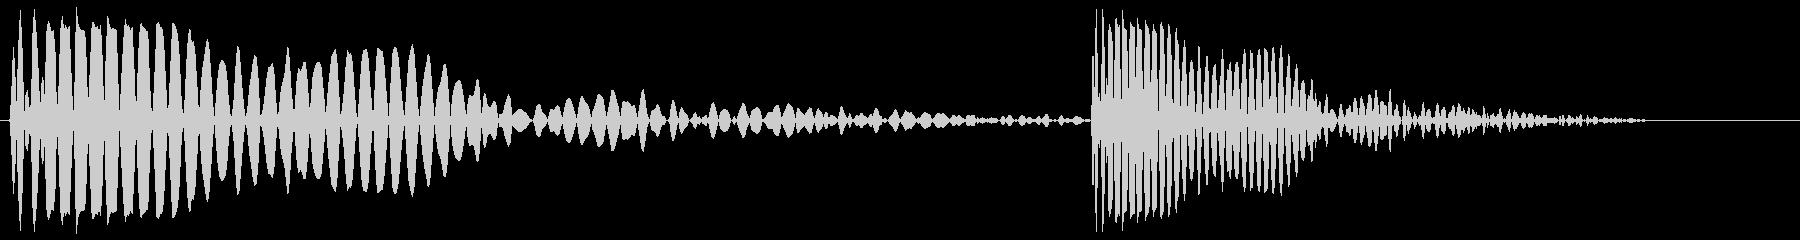 ポカッ(キャッチーな攻撃音)の未再生の波形